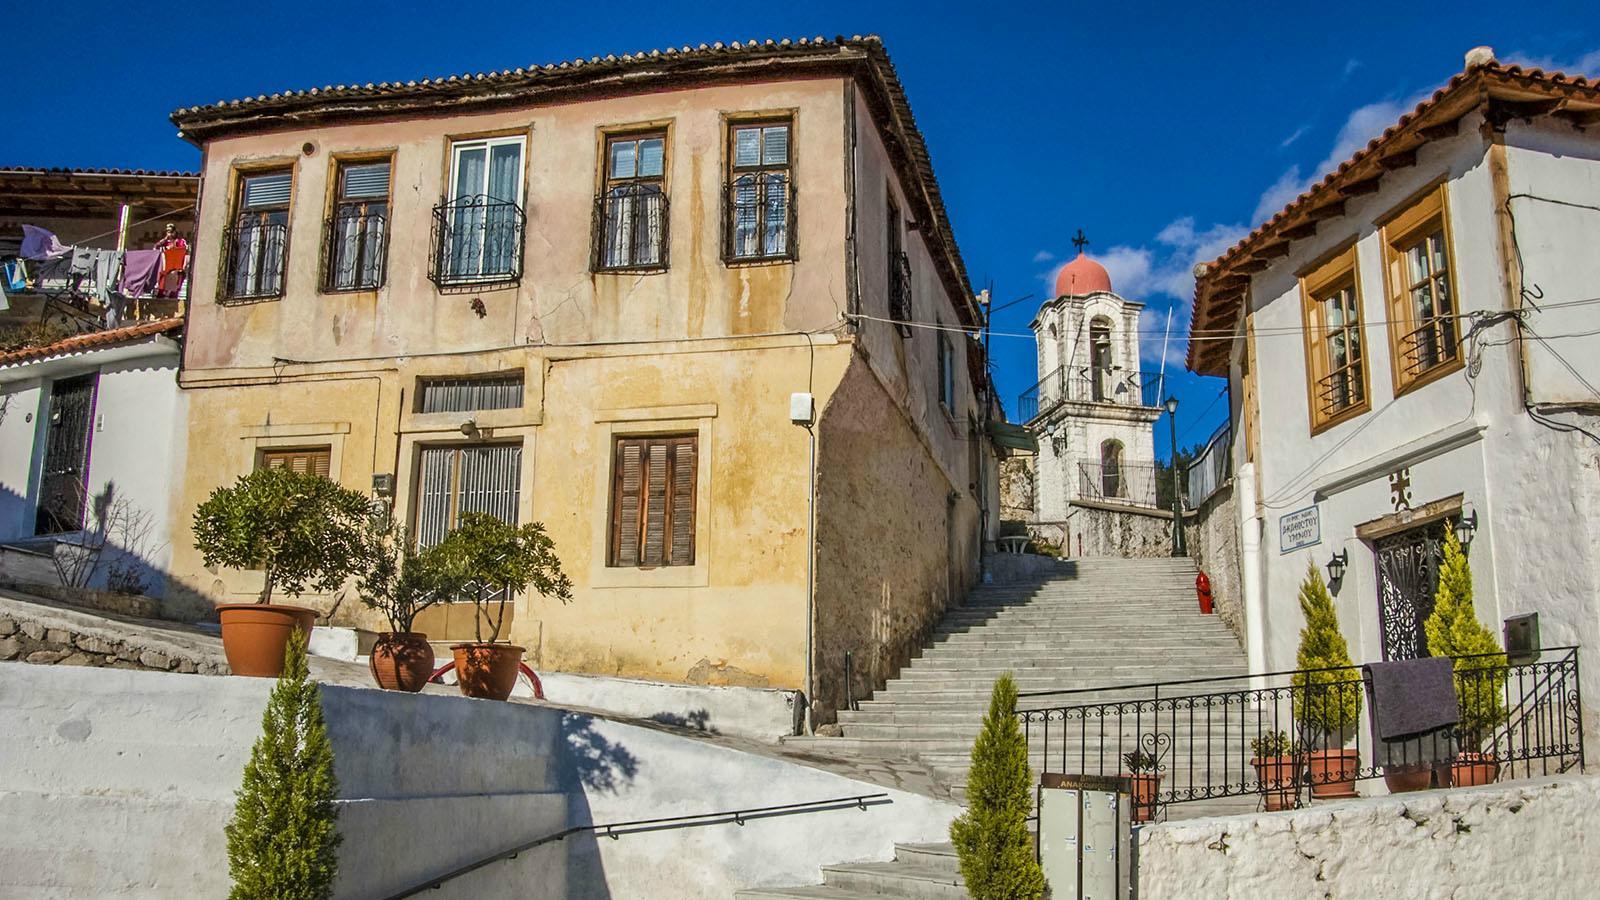 Παλιά Πόλη της Ξάνθης: Ένα υπαίθριο μουσείο!